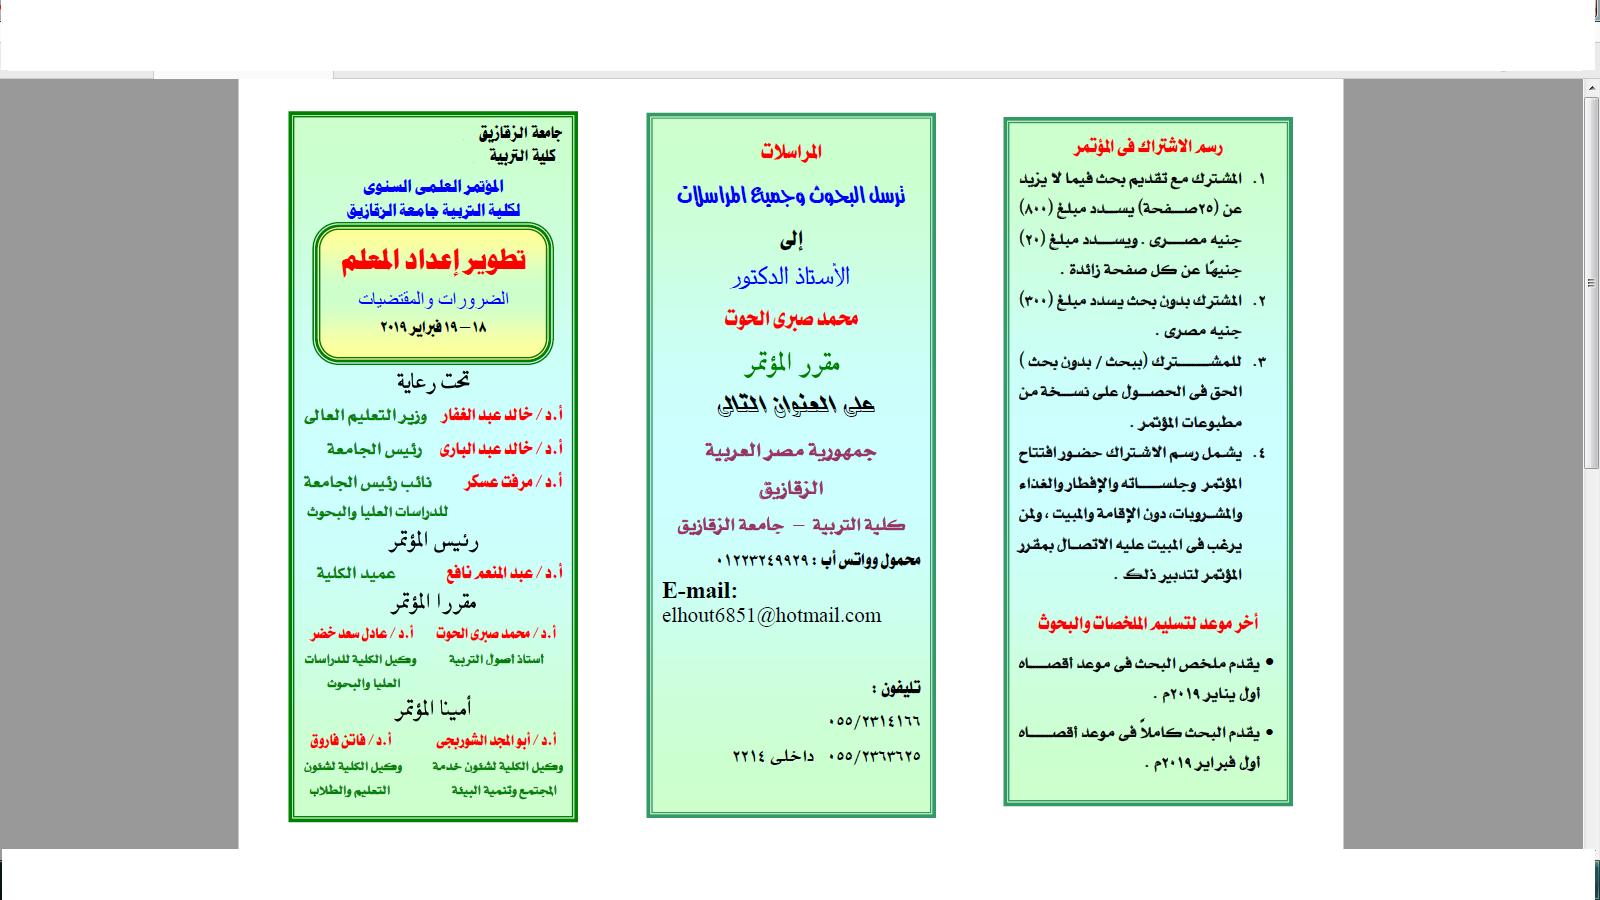 المؤتمر العلمى السنوى  لكلية التربية جامعة الزقازيق: تطوير إعداد المعلم  الضرورات والمقتضيات 18 – 19 فبراير 2019